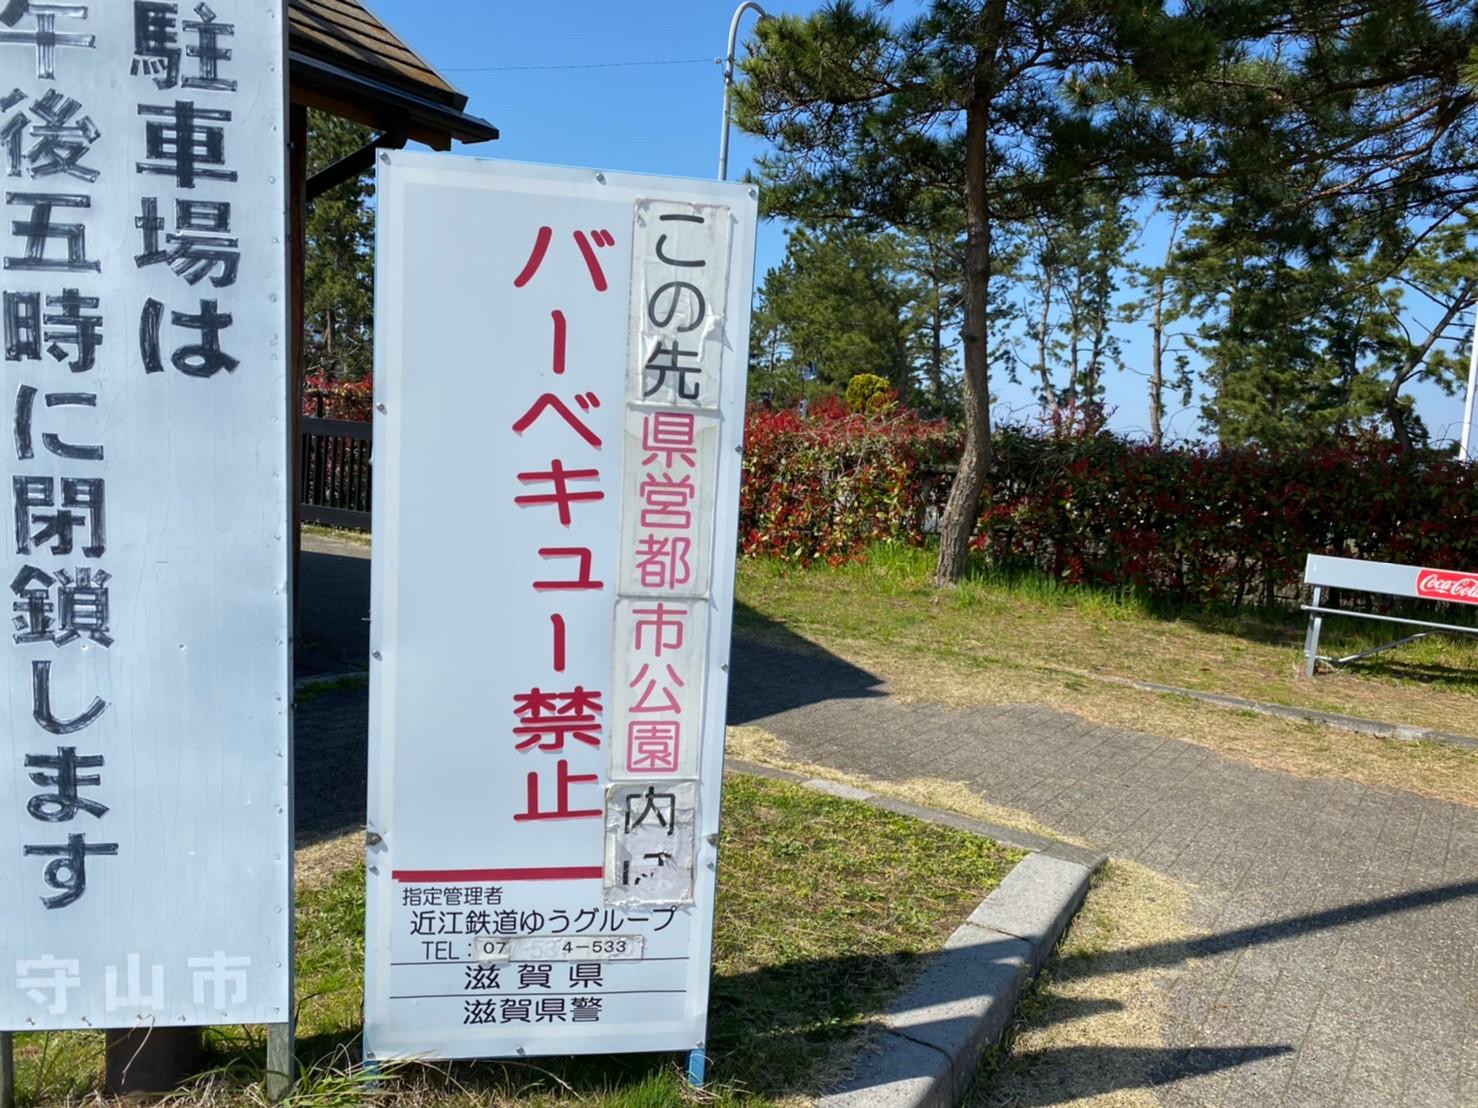 【守山市】『美崎公園・みさき自然公園』のアウトドア情報